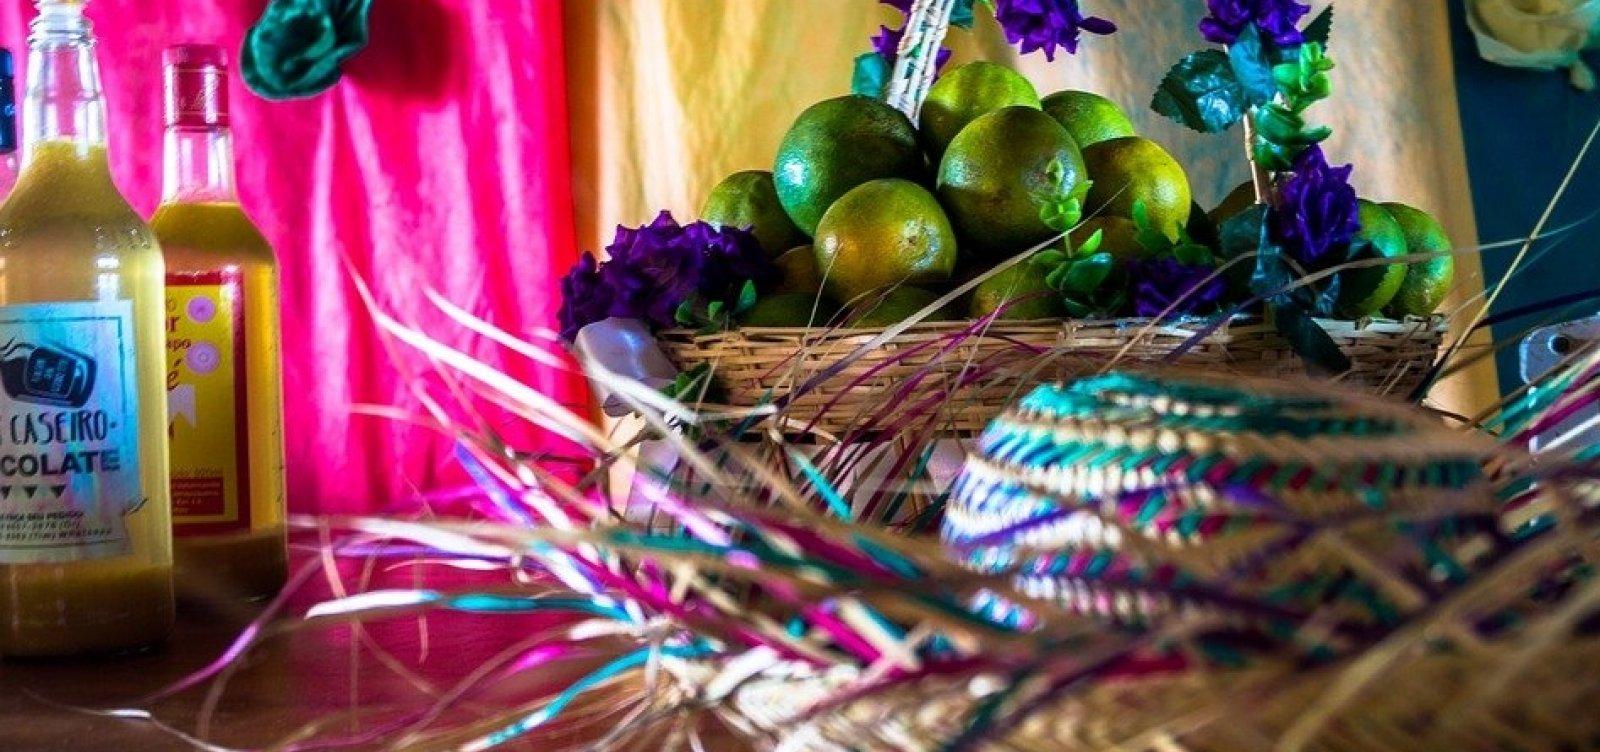 [Preços de produtos de festas juninas sobem 9,15%, diz FGV]